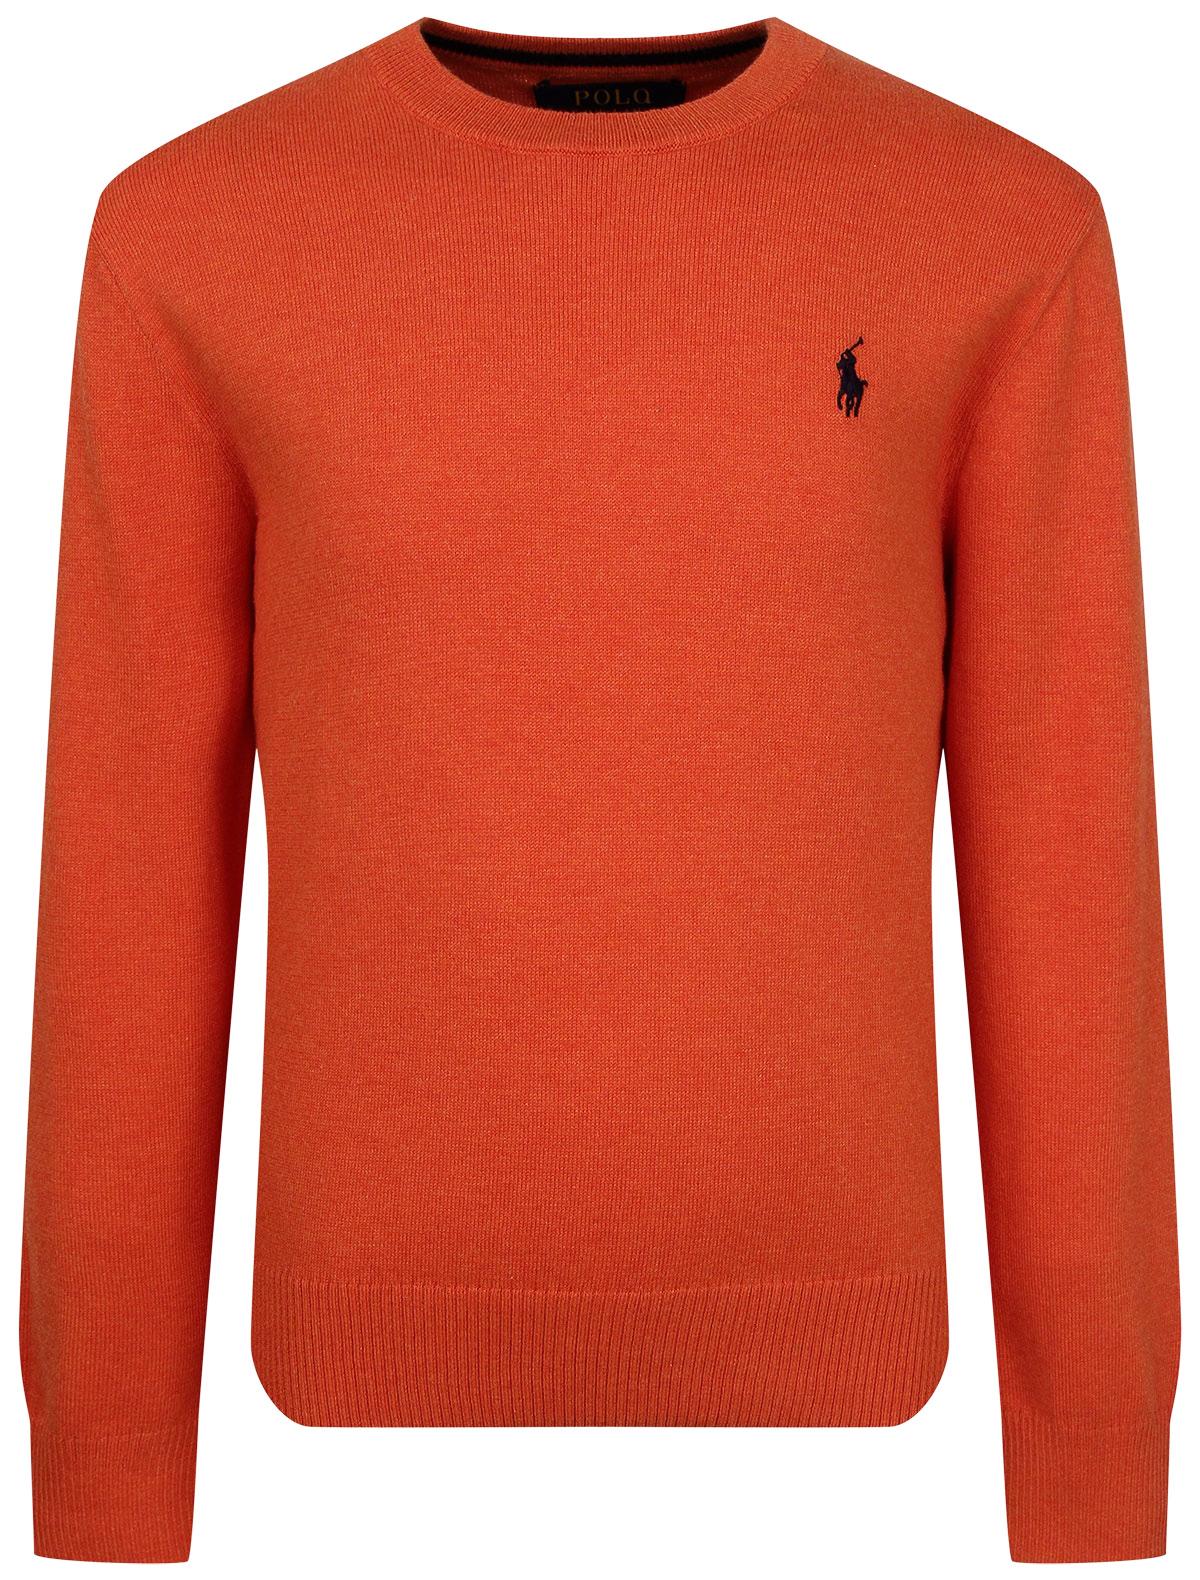 Купить Джемпер Polo Ralph Lauren для мальчиков 321799887005 оранжевый 92,